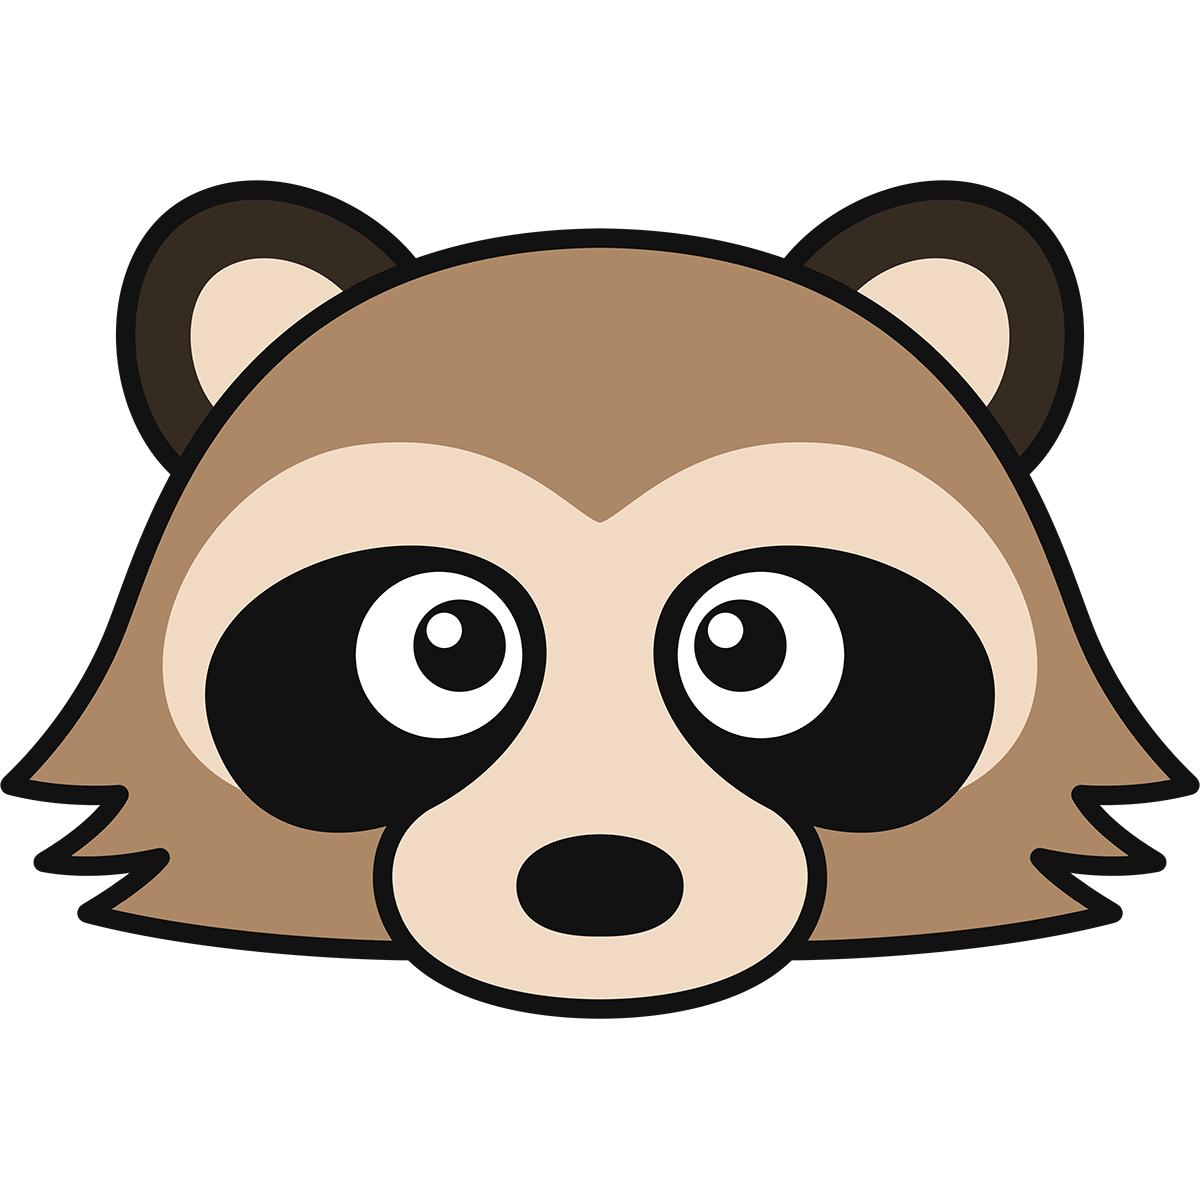 タヌキの顔(狸)の無料イラスト